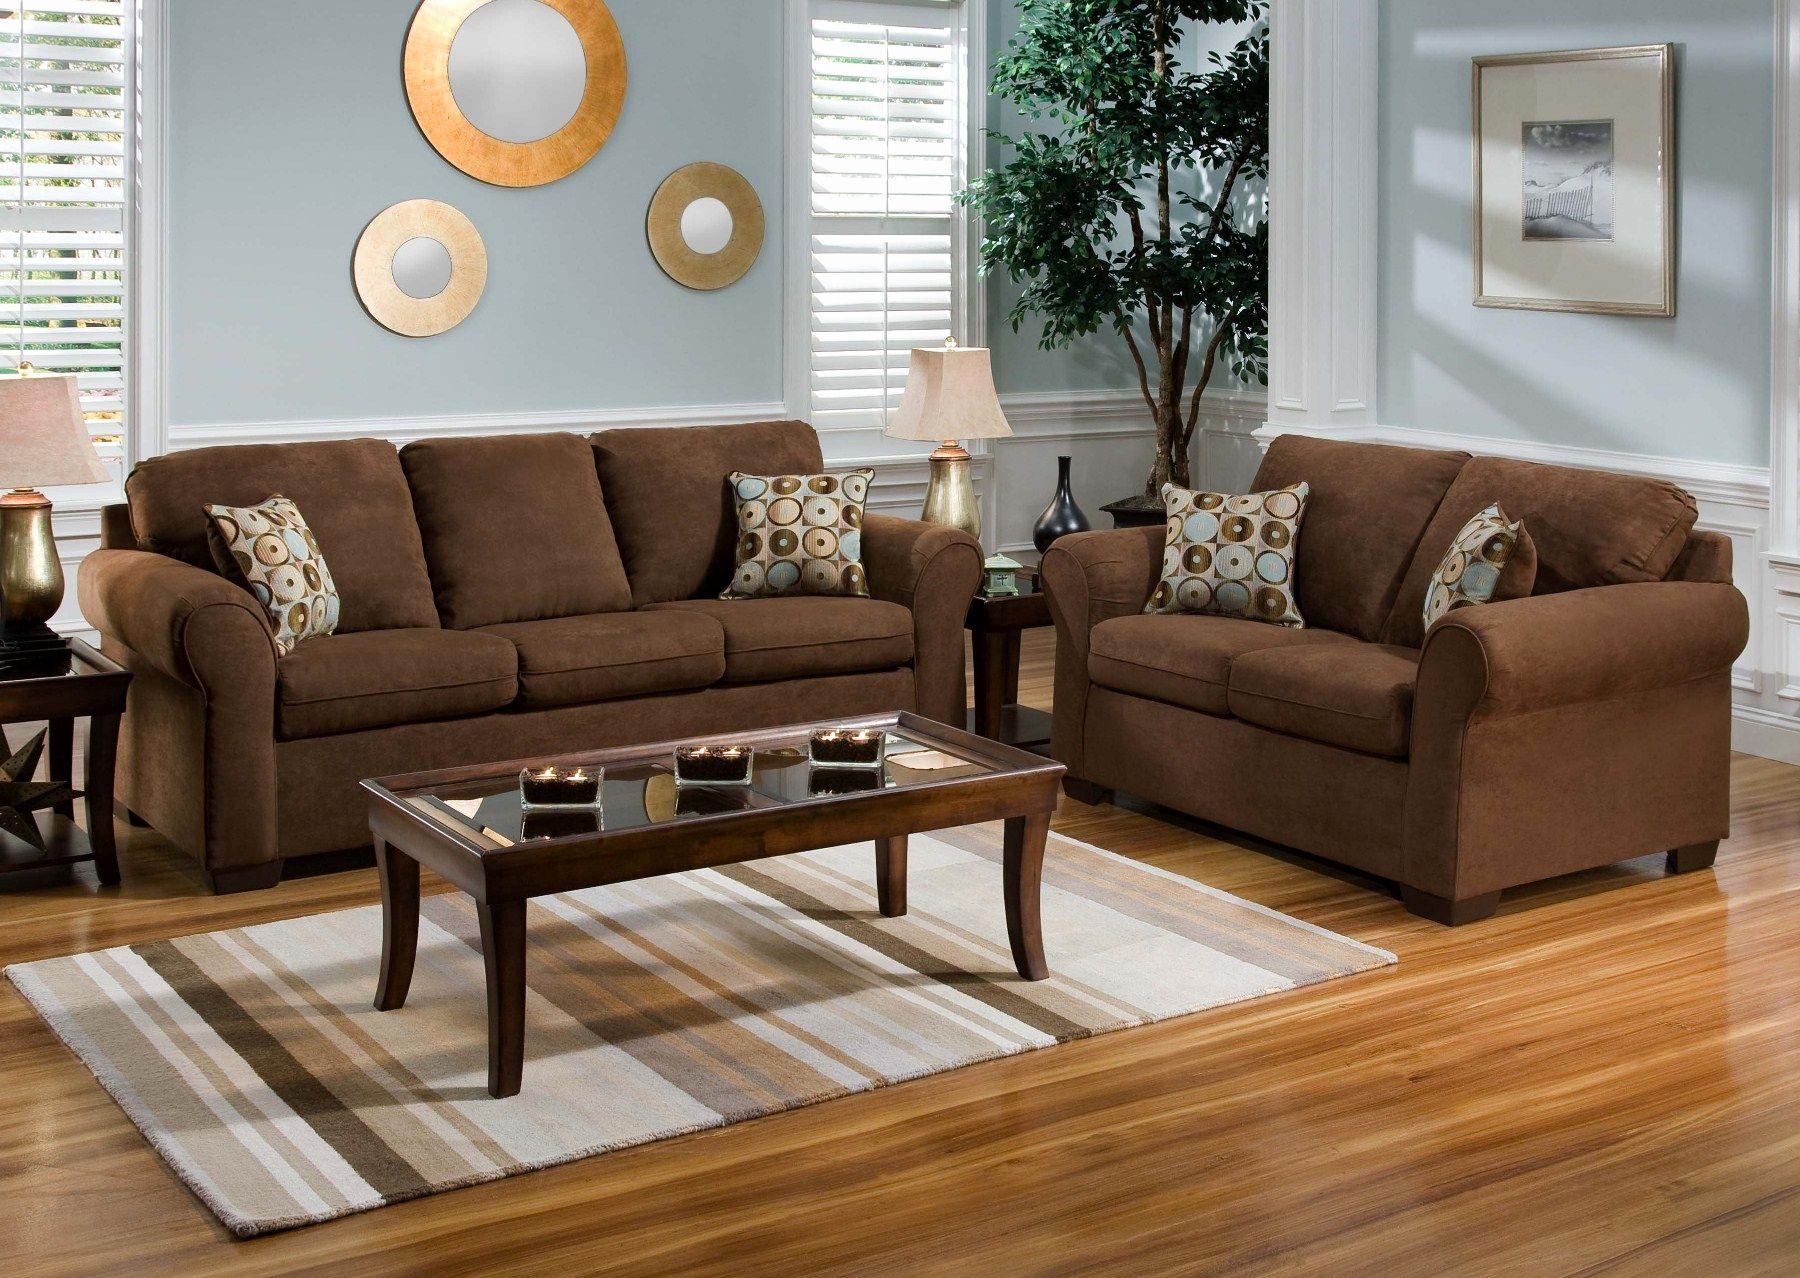 Awesome Sofa Set For Living Room Design Photograpy Sofa Set For